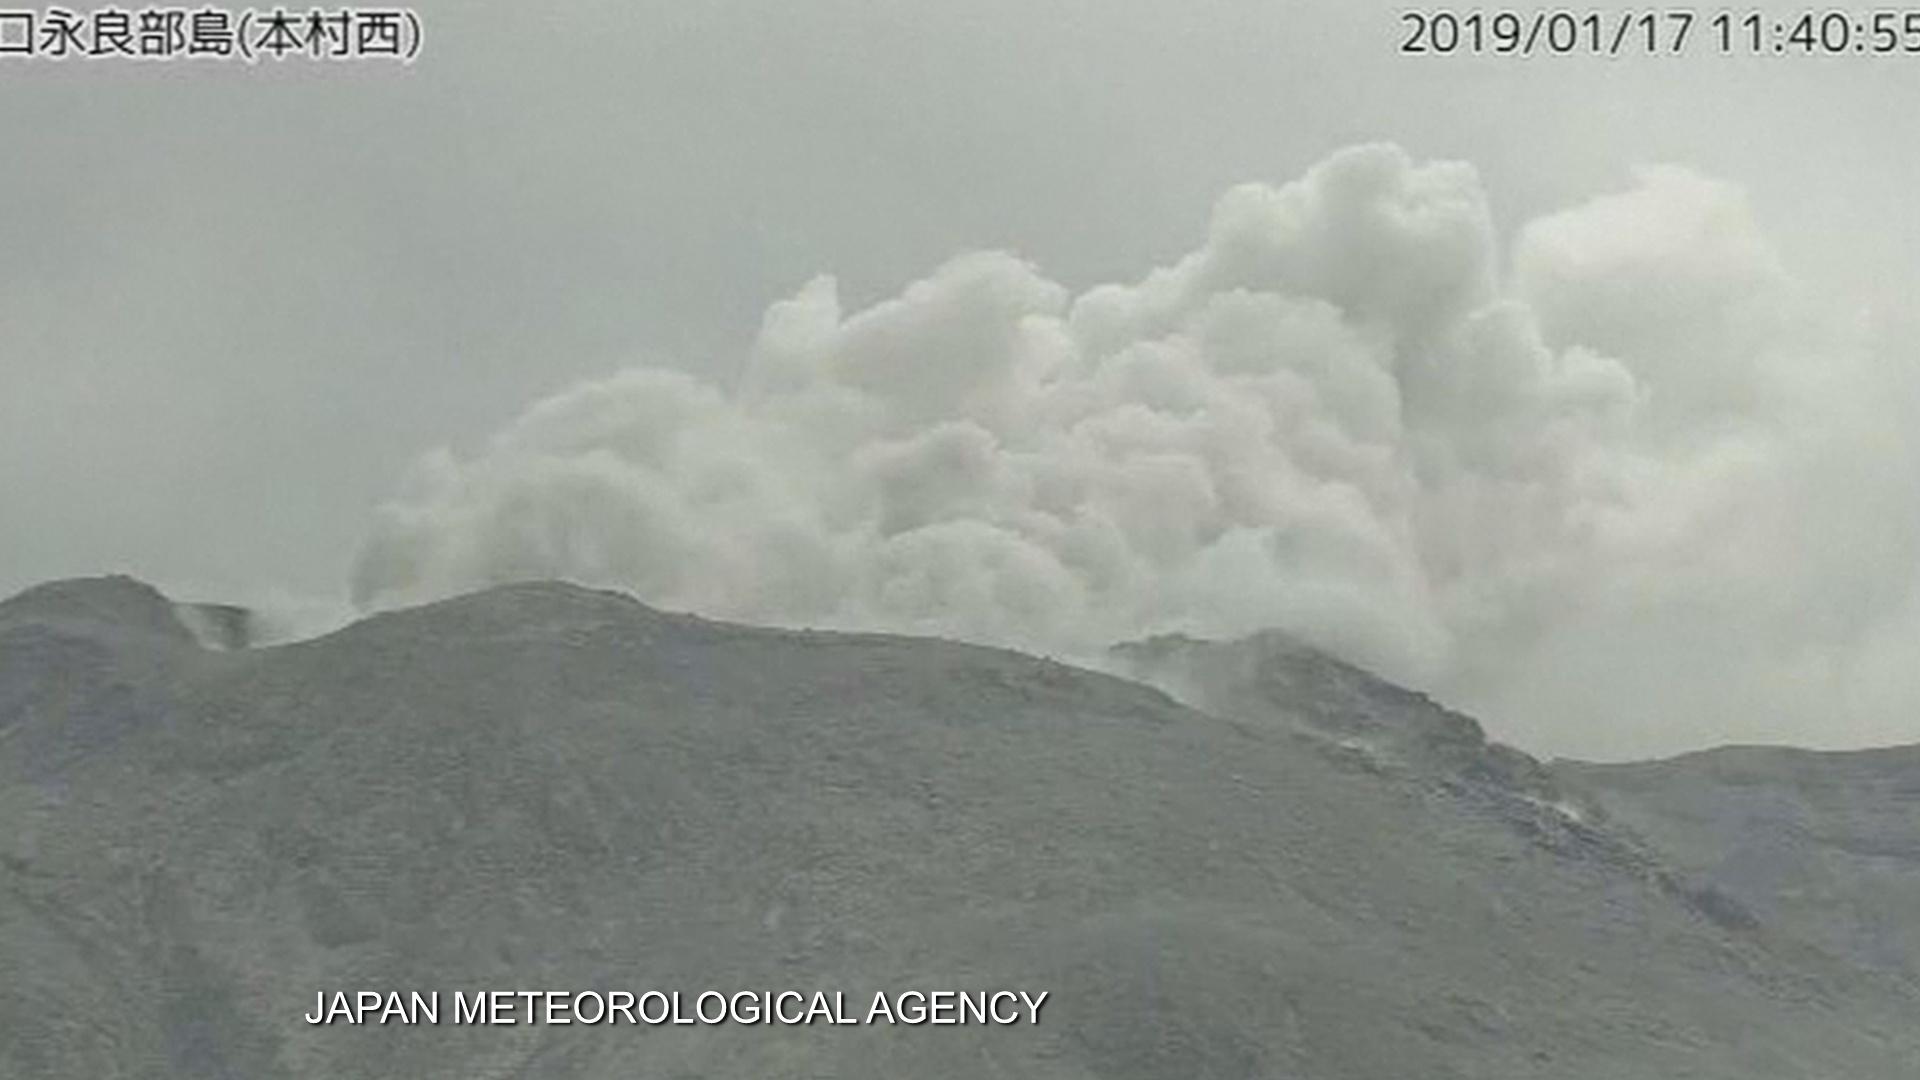 На острове Кутиноэрабу в Японии извергается вулкан